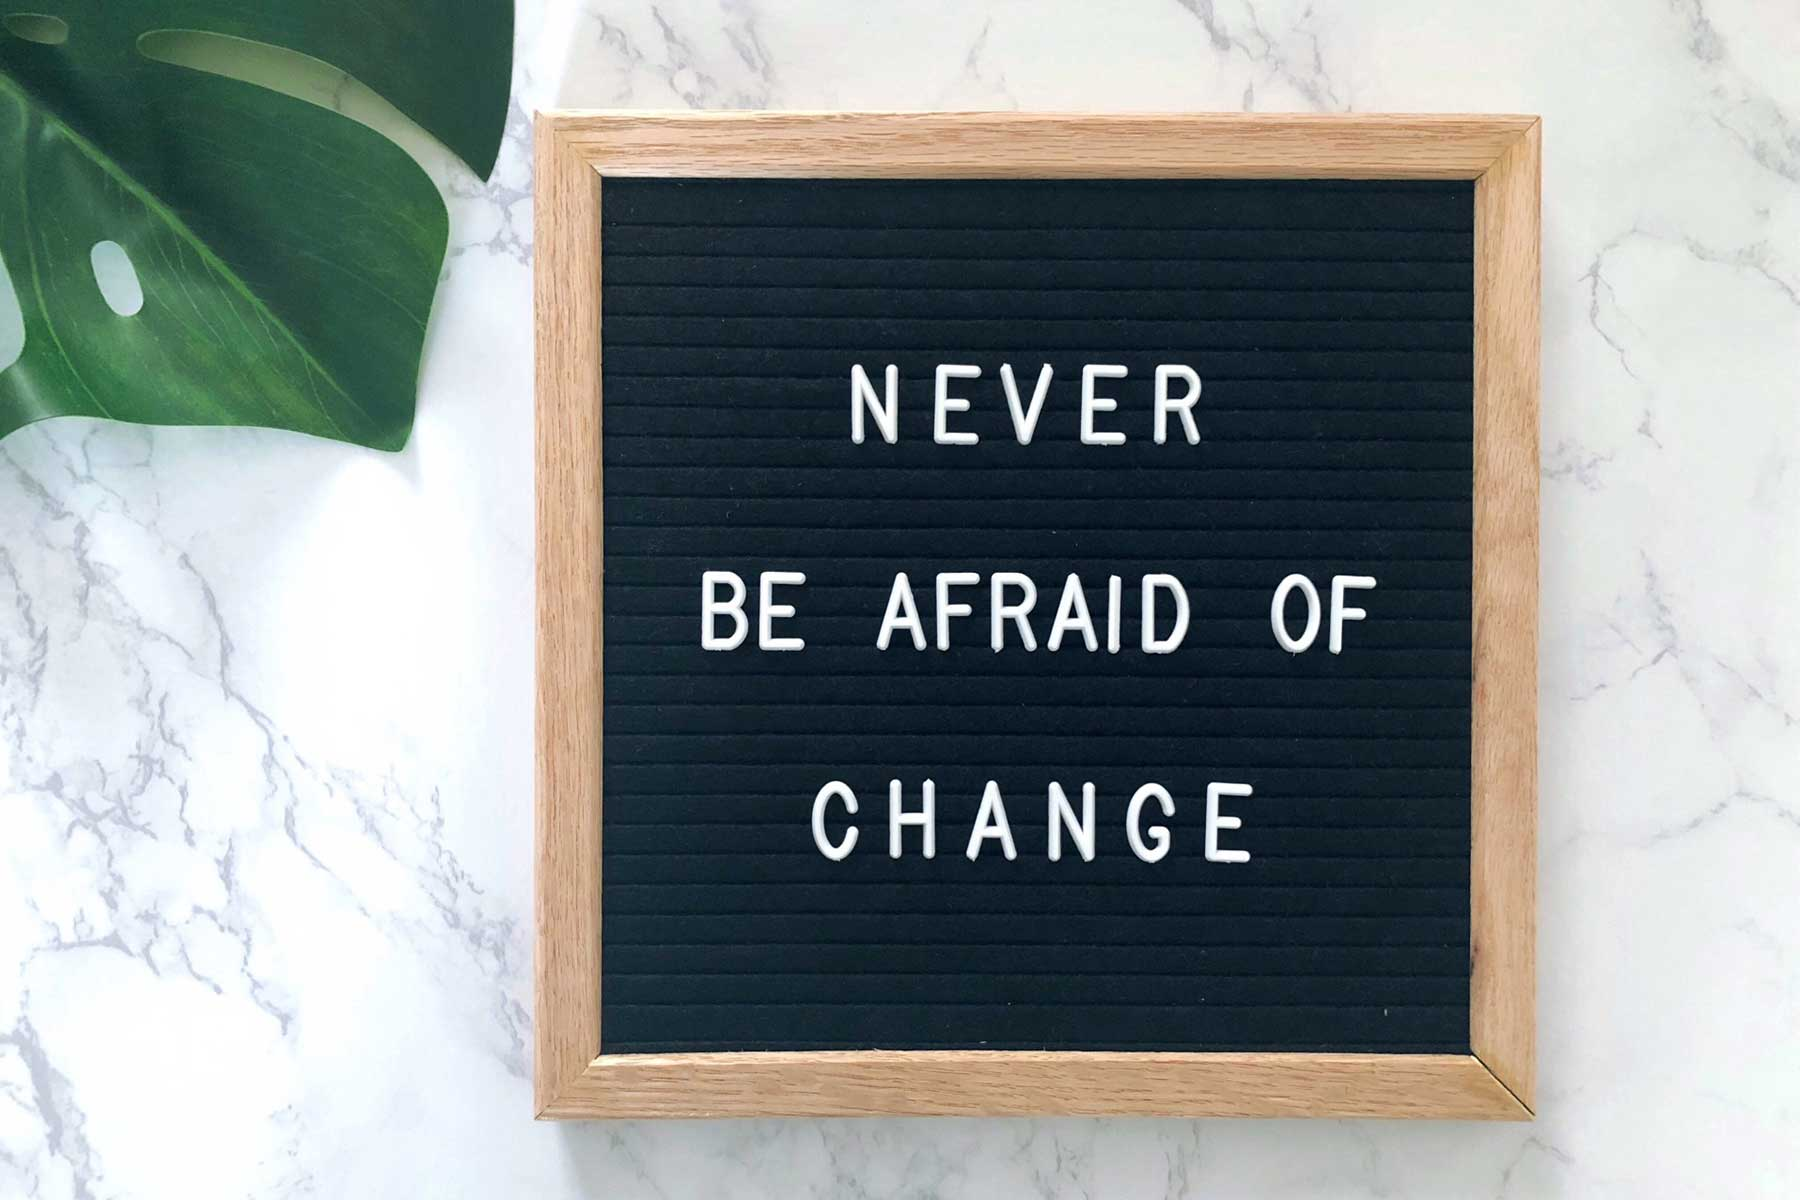 Leading Change: 3 Strategies to Help Make it Easier